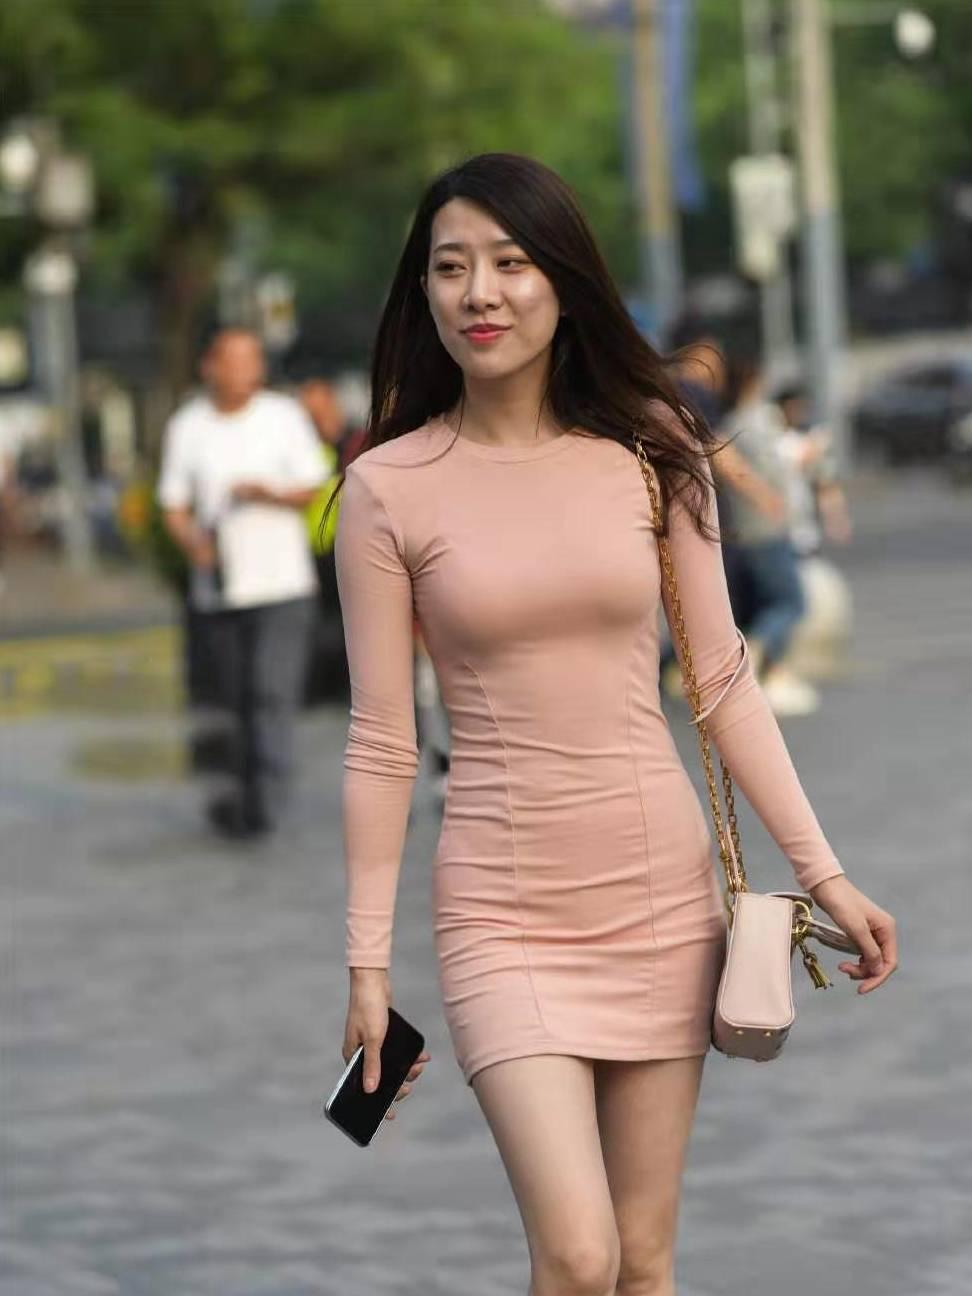 街拍:小姐姐身穿一条紧身连衣裙,凸显美丽大方气质,增添女人味